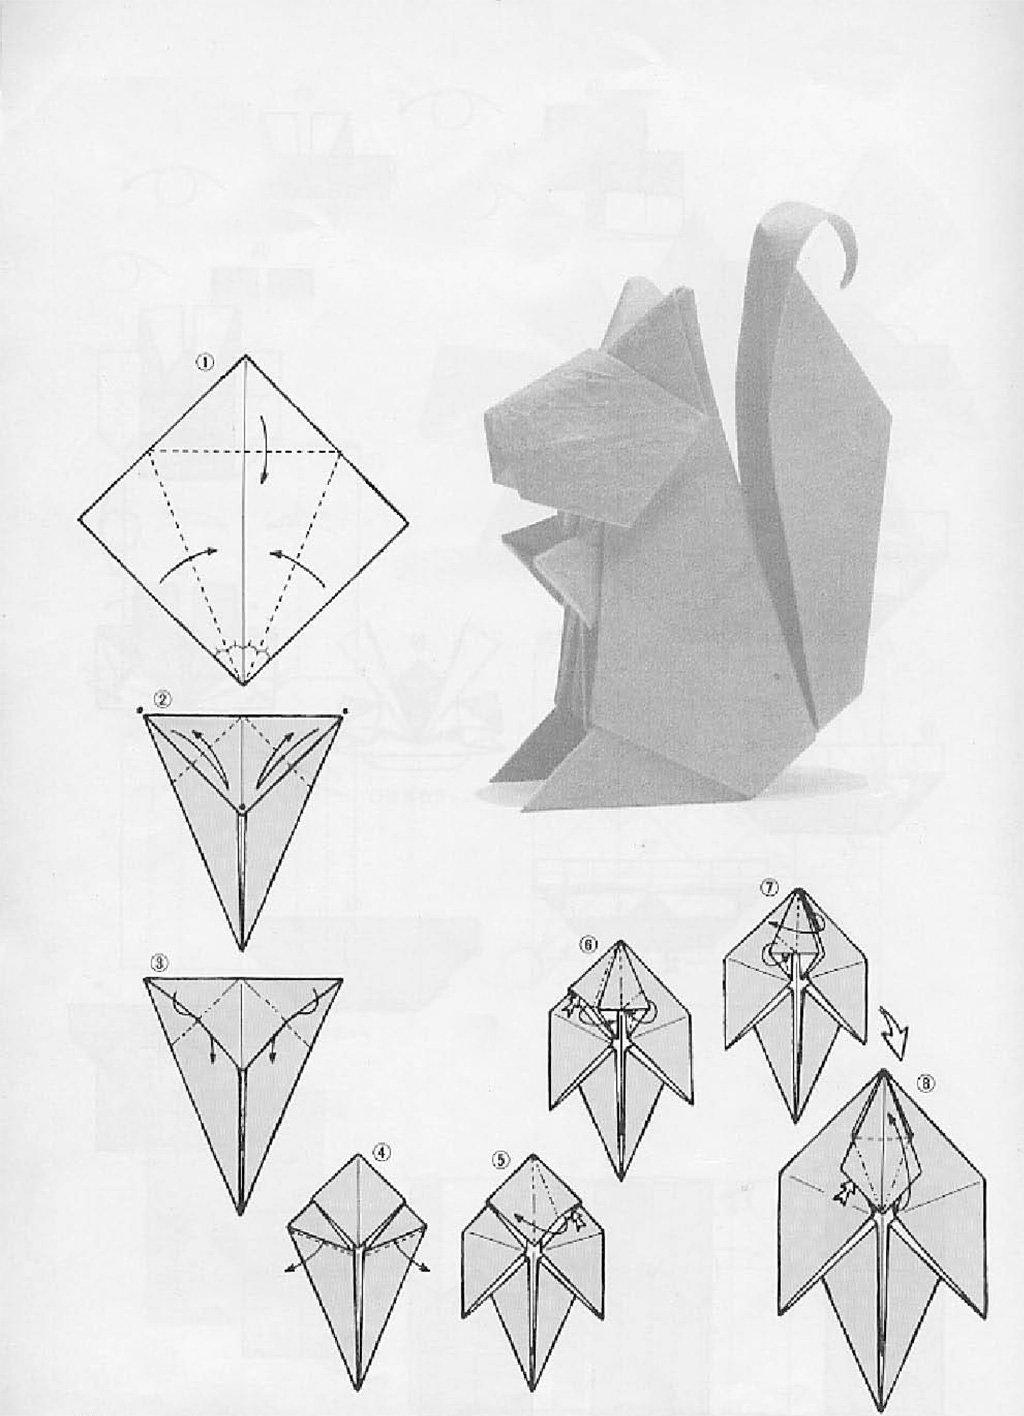 Как сделать оригами картинки или видео